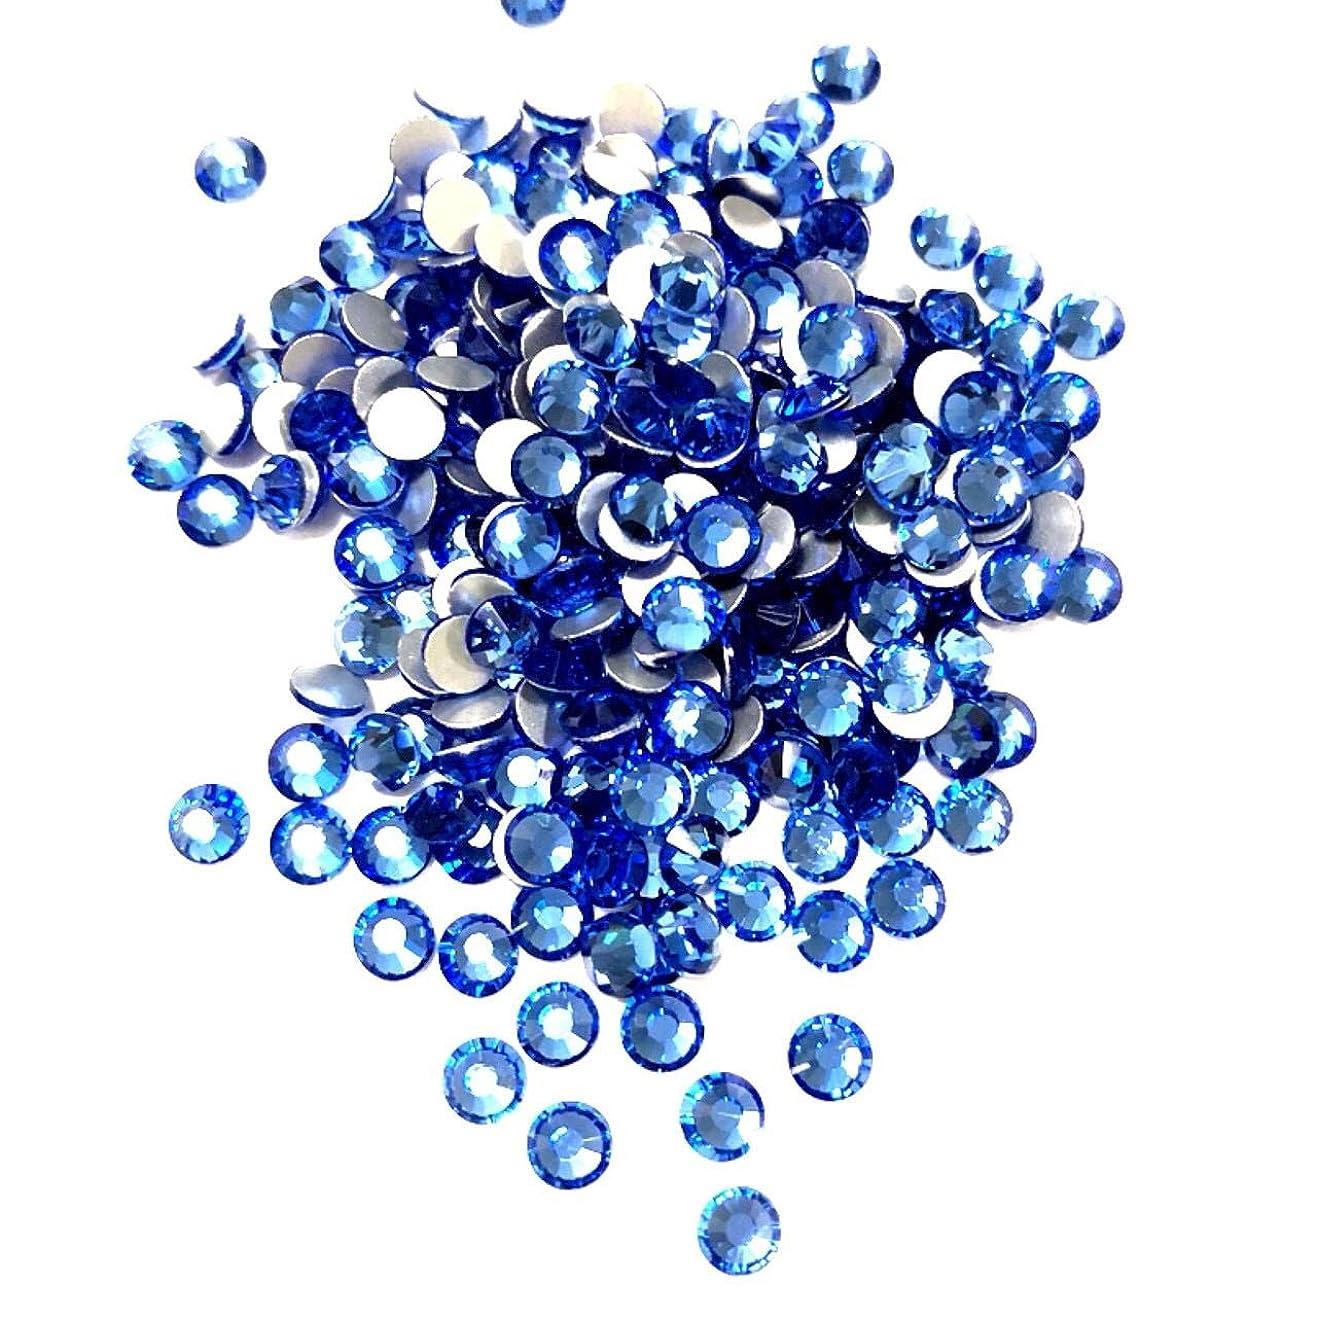 衝撃マエストロスペクトラム【ネイルウーマン】最高品質ガラスストーン!スワロ同等の輝き! ライトサファイア ブルー 水色 (約100粒入り) (ライトサファイア) (SS3, ライトサファイア)